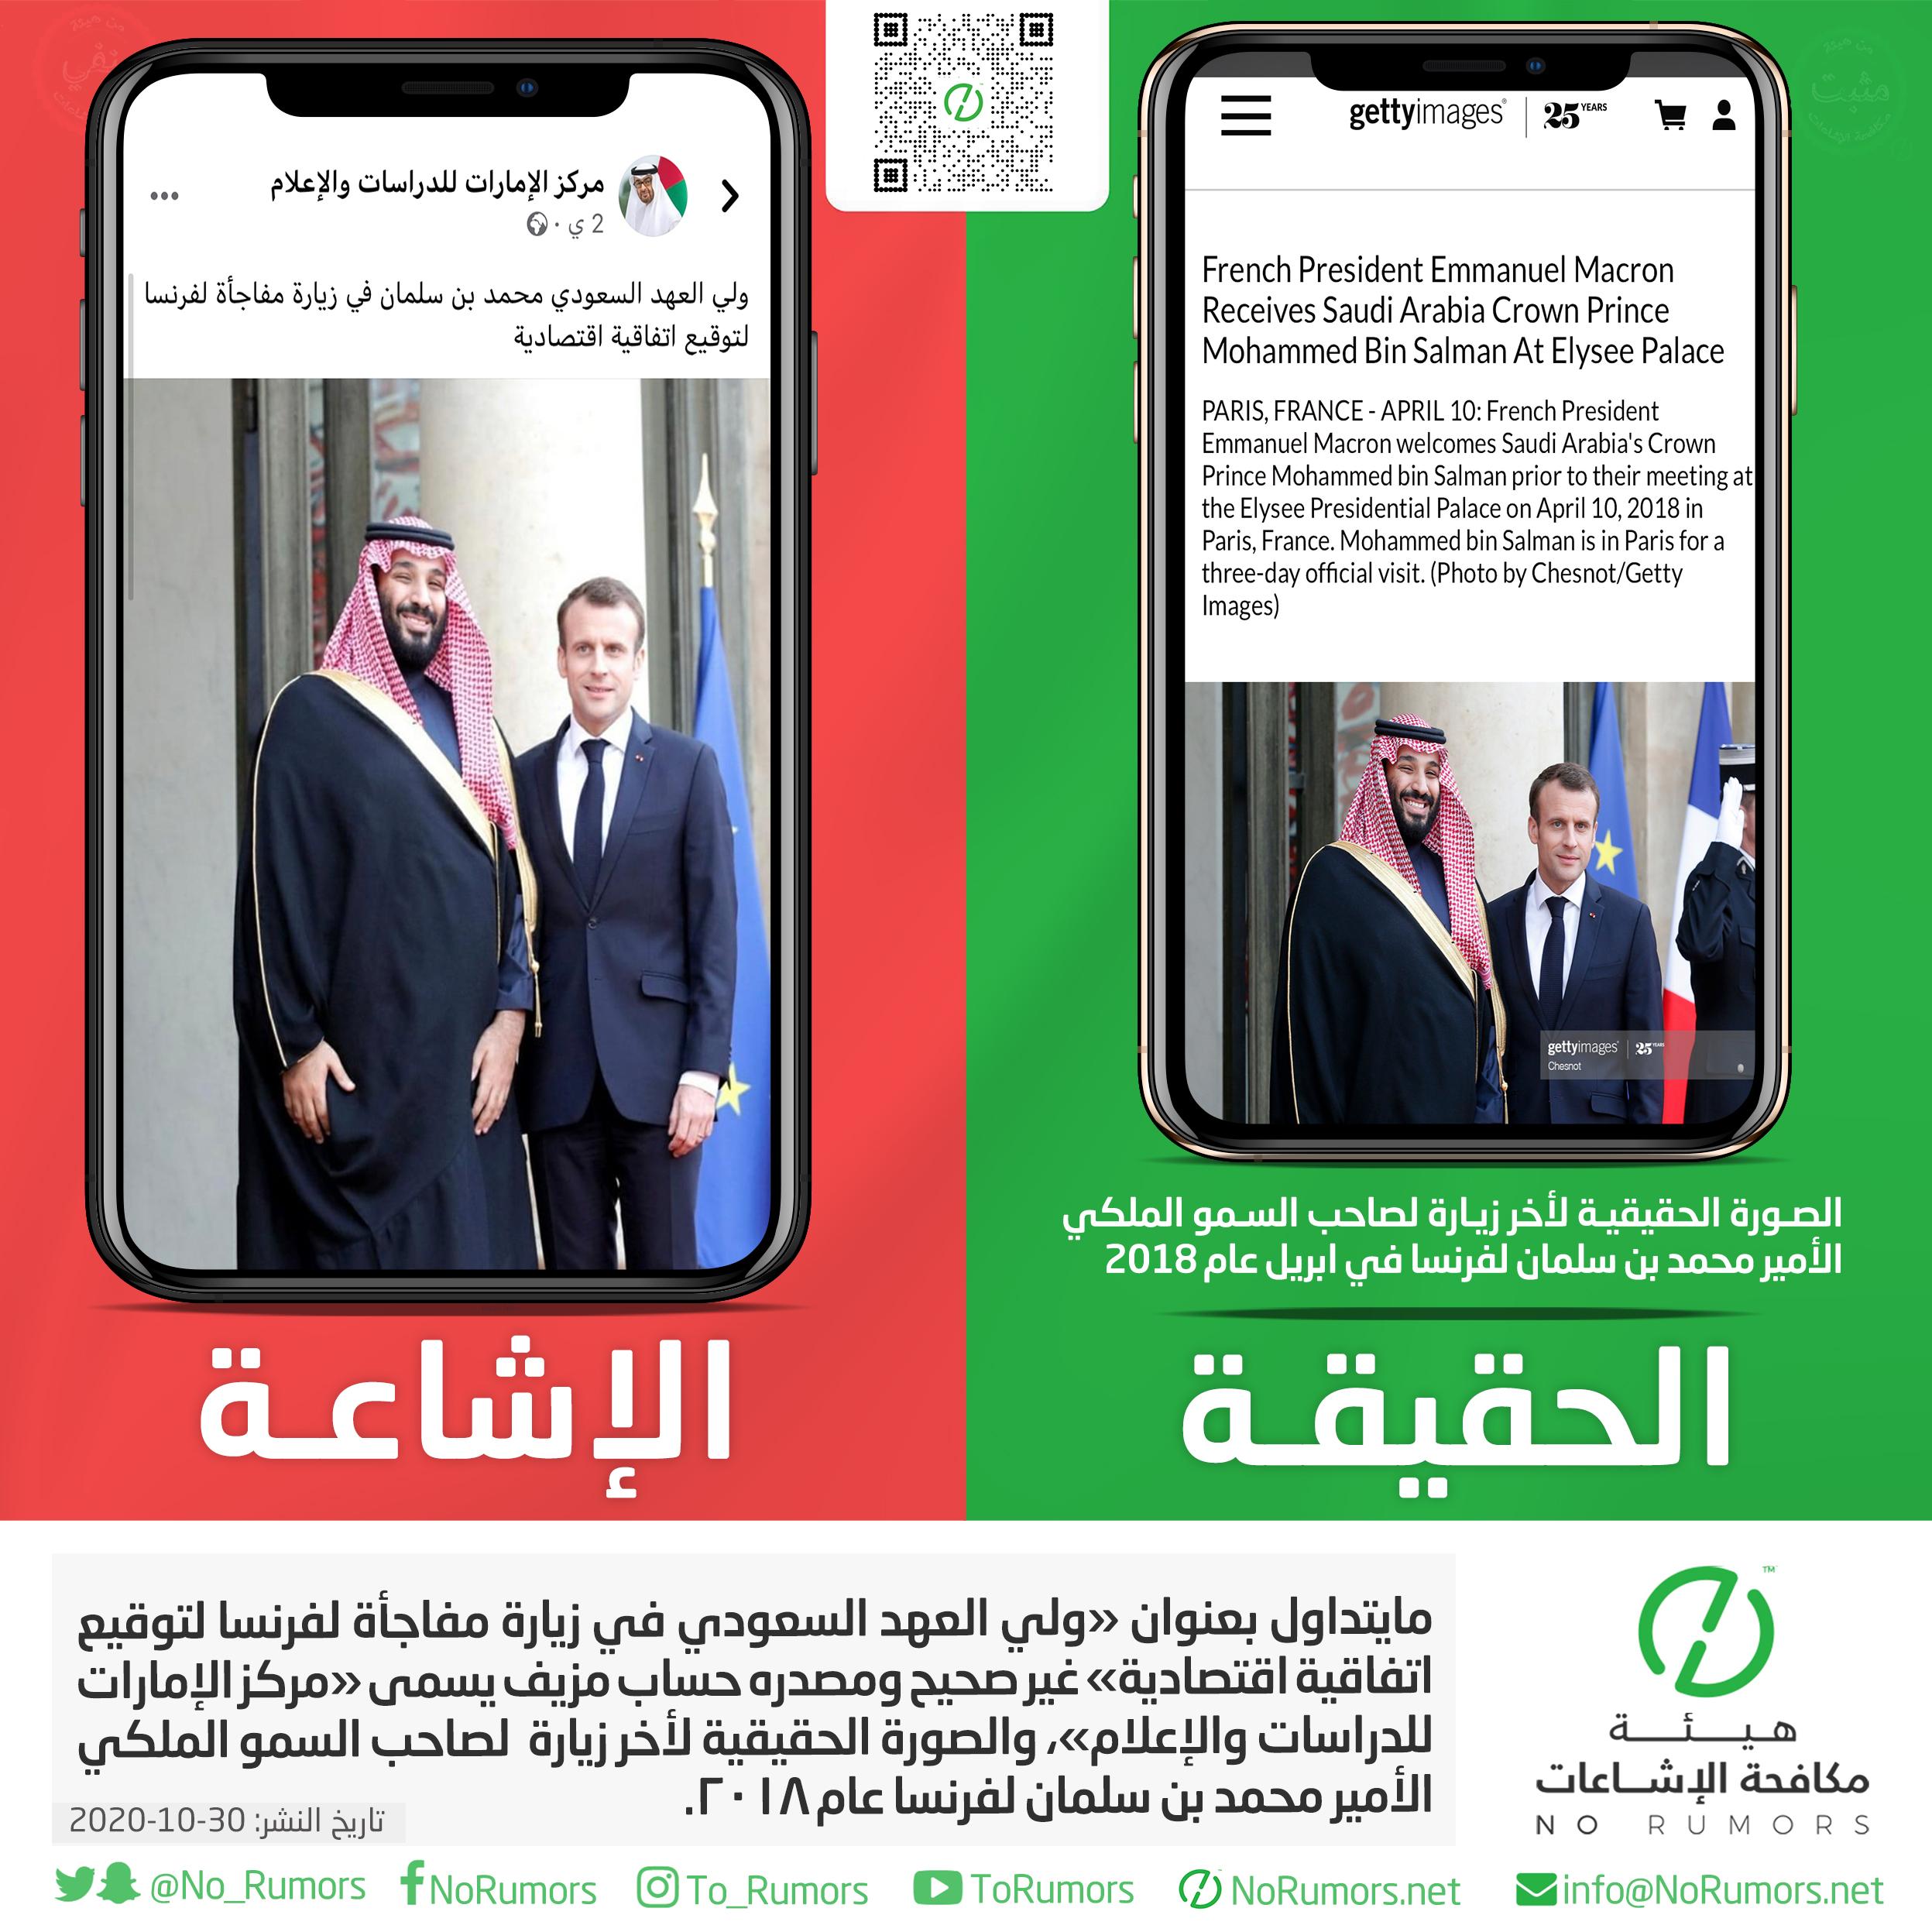 حقيقة مايتداول بعنوان «ولي العهد السعودي في زيارة مفاجأة لفرنسا لتوقيع اتفاقية اقتصادية»